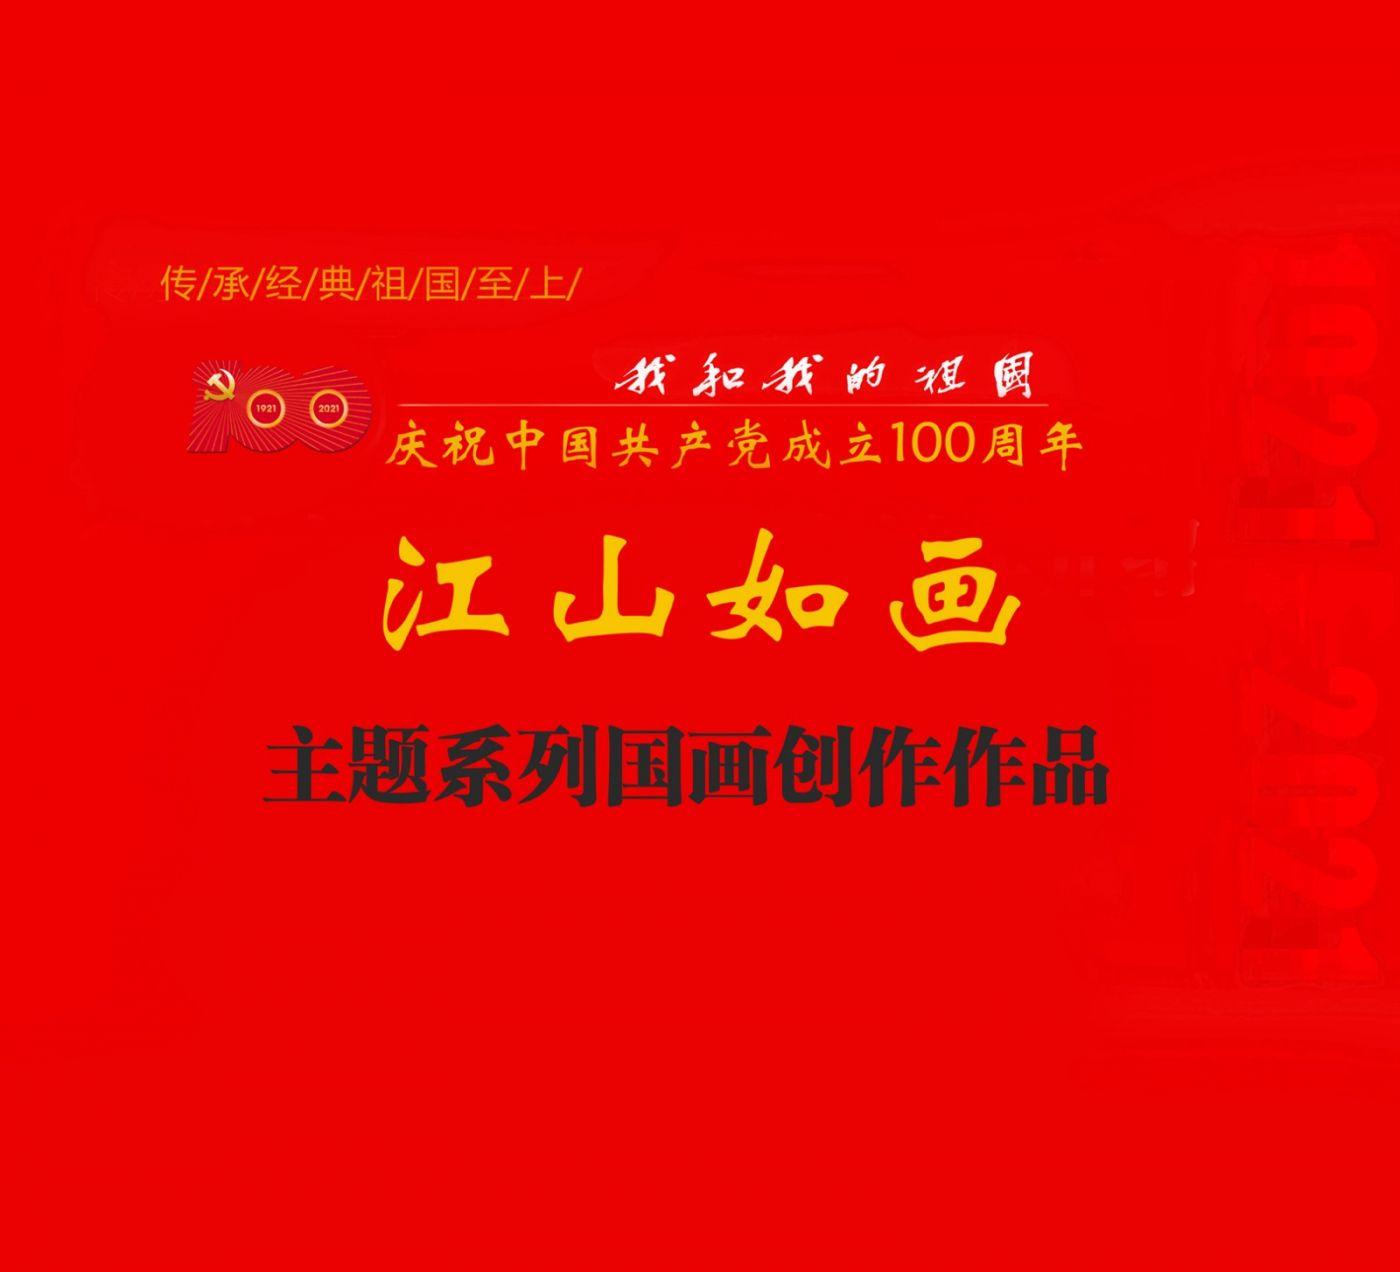 范建春《江山如画》系列国画作品_图1-1